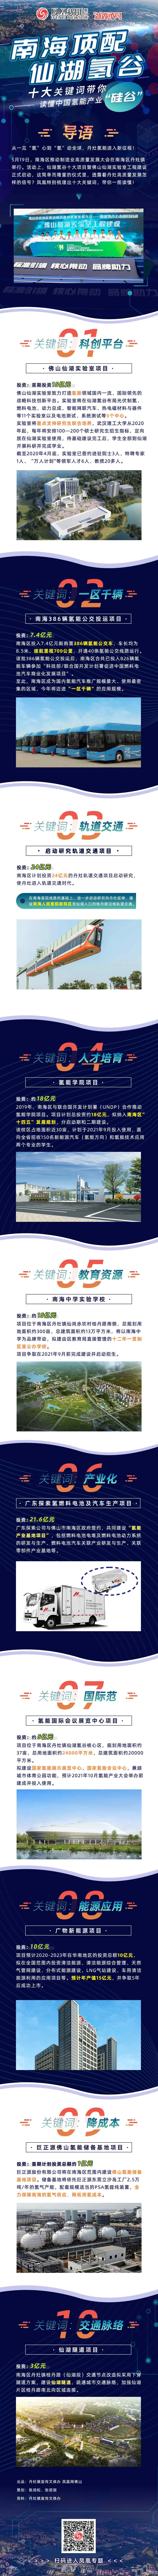 """南海顶配,仙湖氢谷!十大关键词带你读懂中国氢能产业""""硅谷"""""""